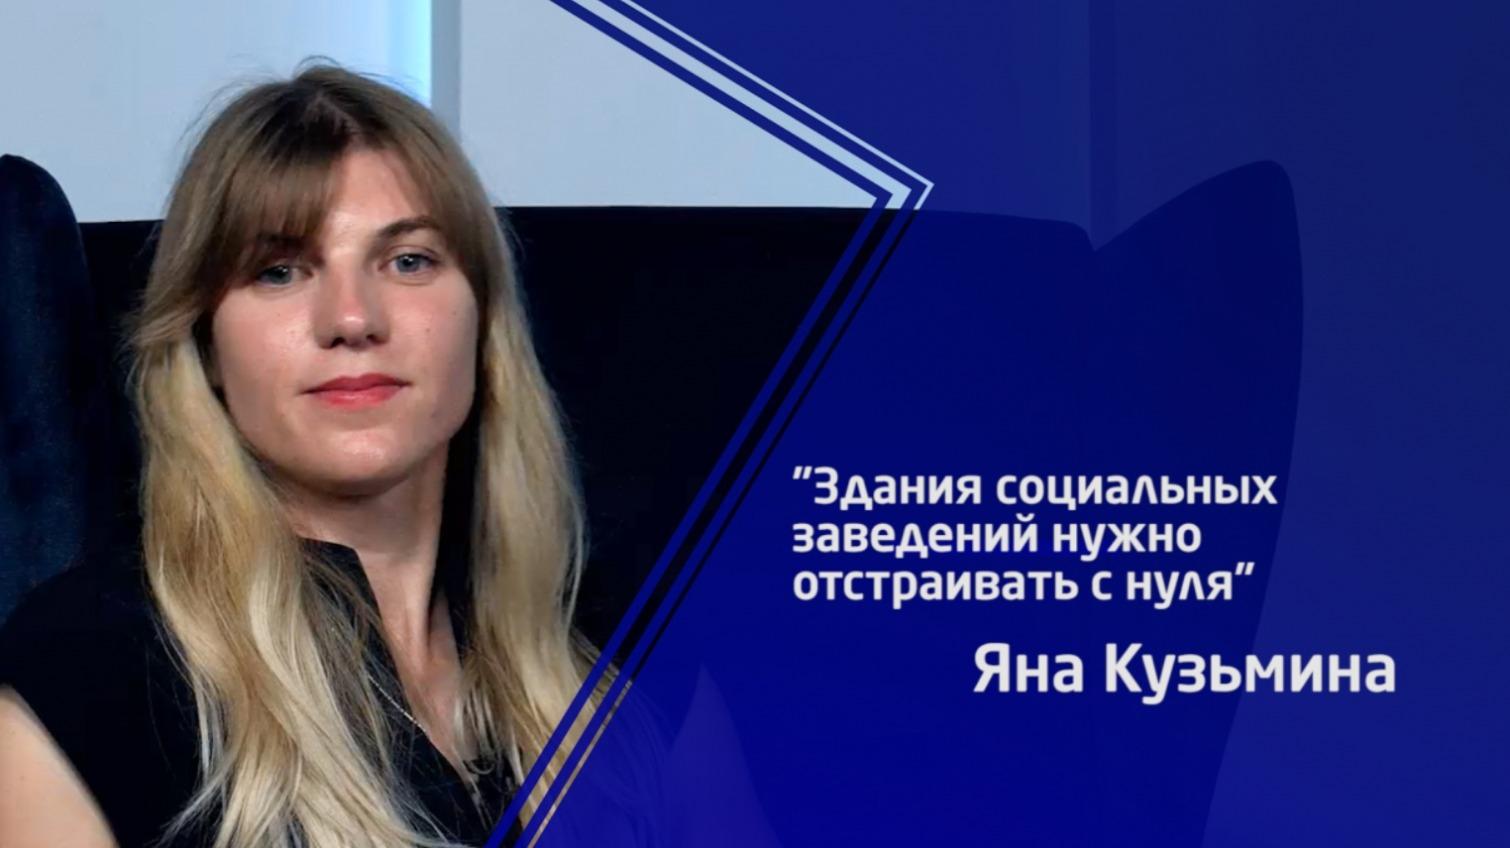 «Здания многих соцзаведений нужно строить с нуля», — представитель омбудсмена в Одесской области (видео) «фото»